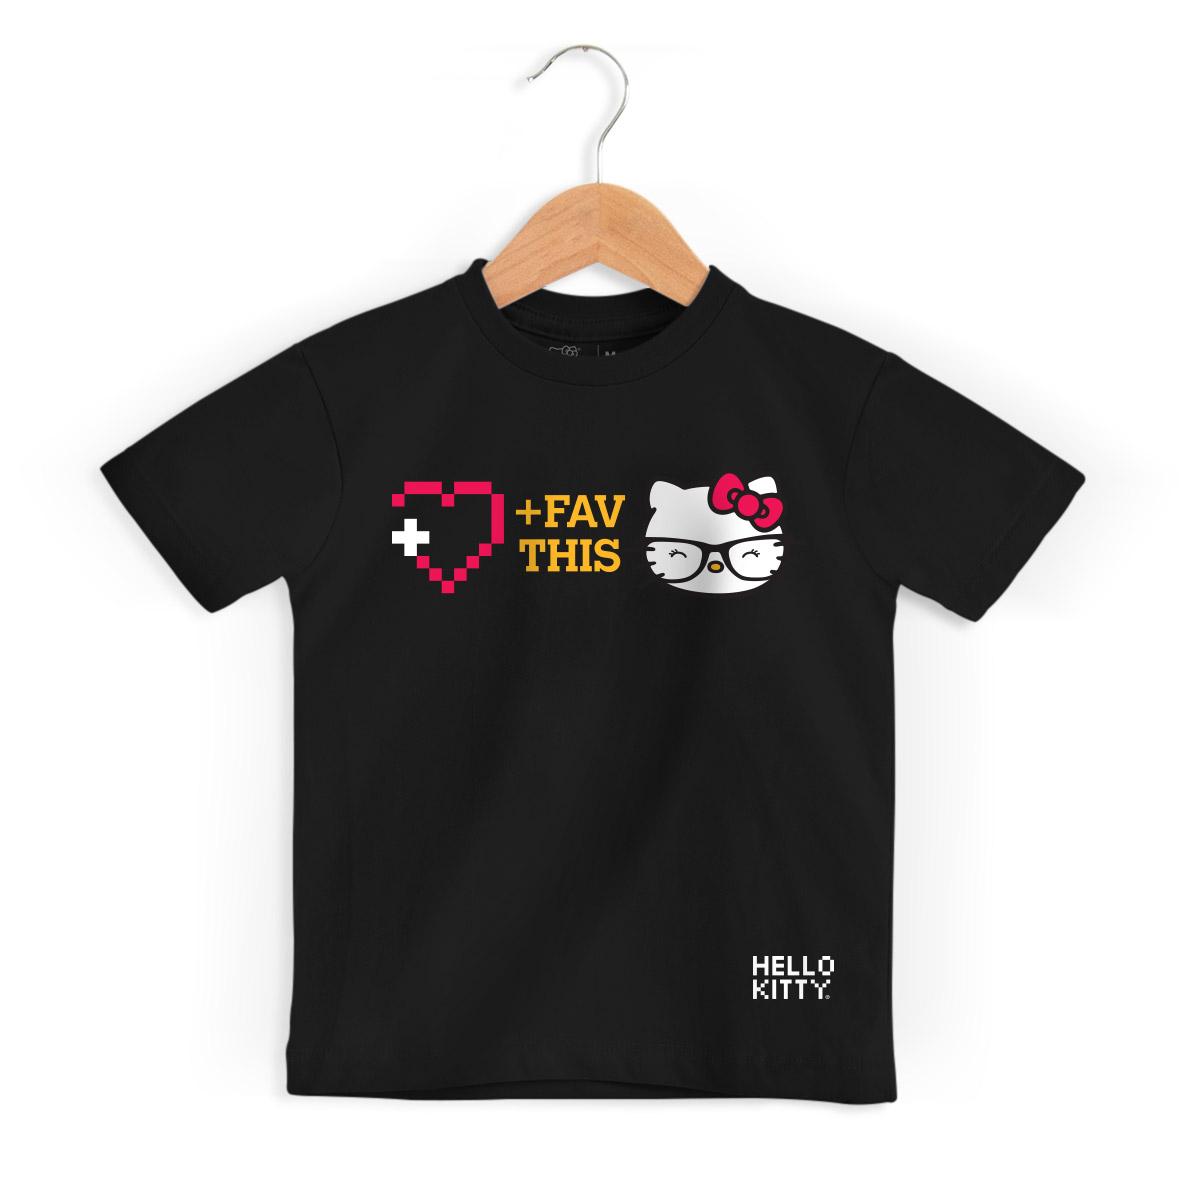 Camiseta Infantil Hello Kitty Fav This